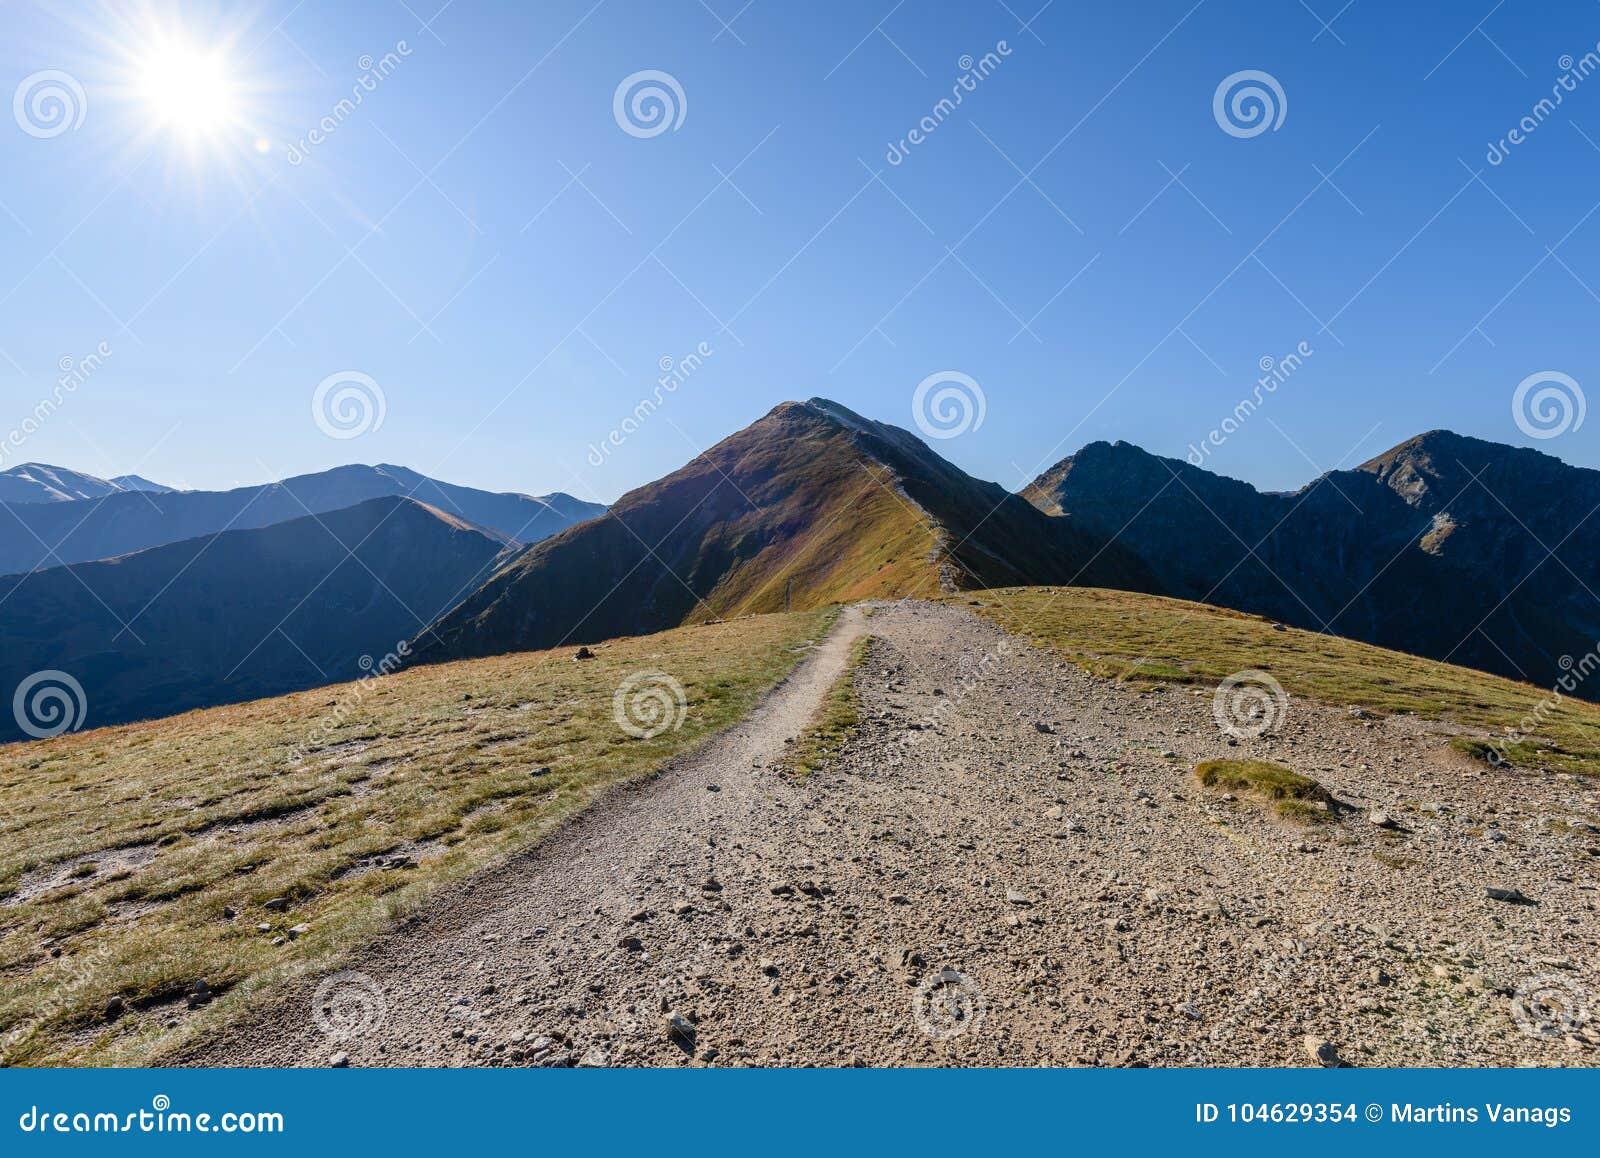 Download De Rotsachtige Mening Van Het Berg Piekgebied In Slowakije Stock Foto - Afbeelding bestaande uit schoonheid, ecologisch: 104629354